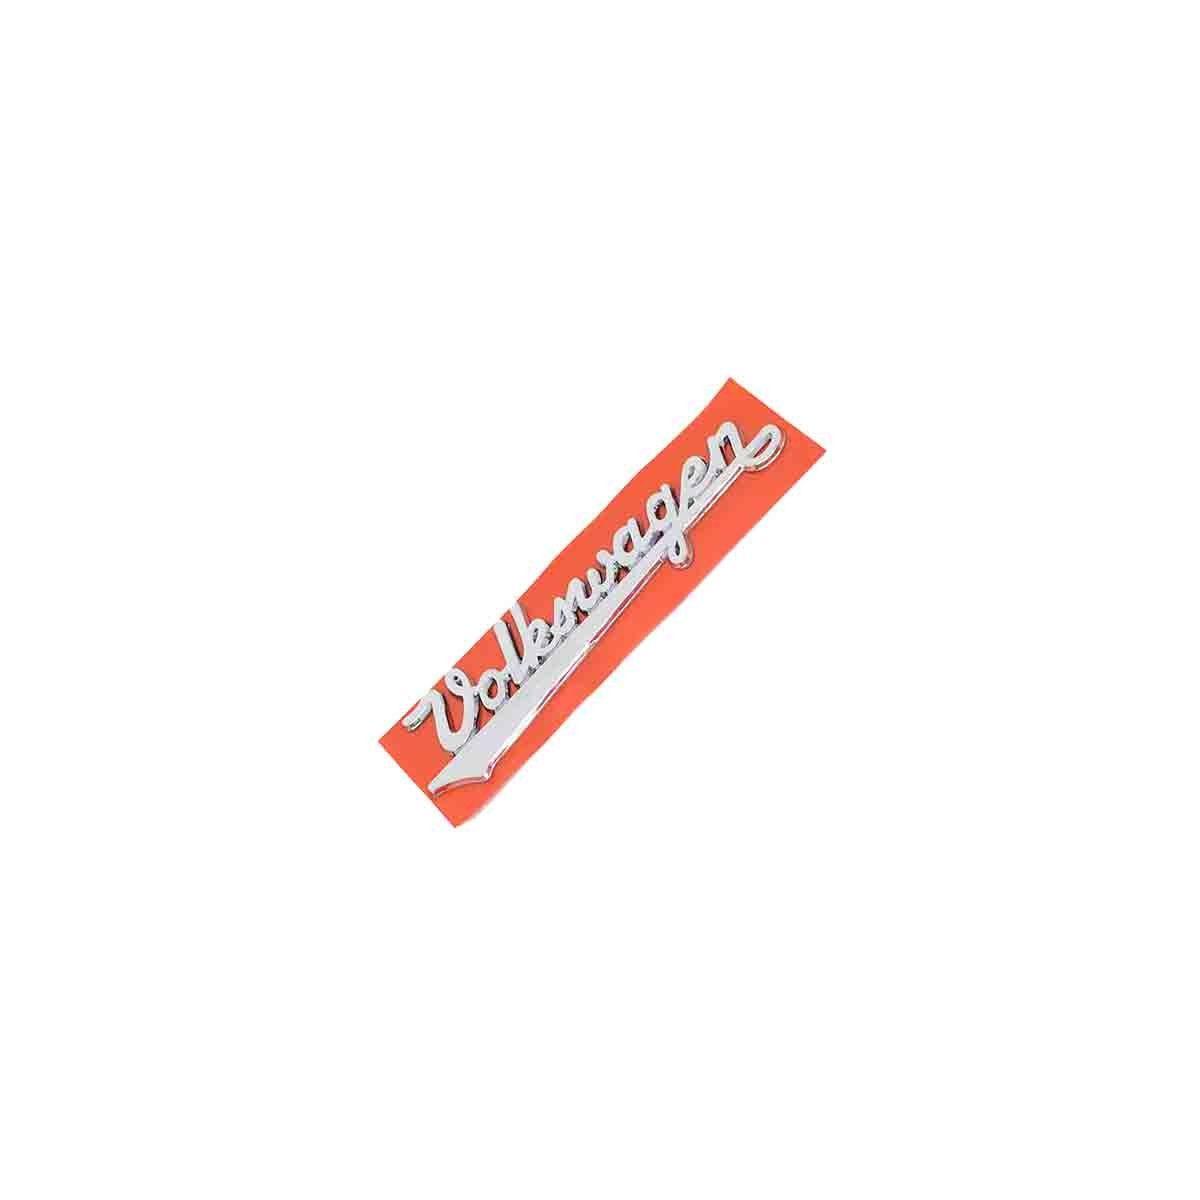 Emblema Volkswagen Manuscrito Cromado